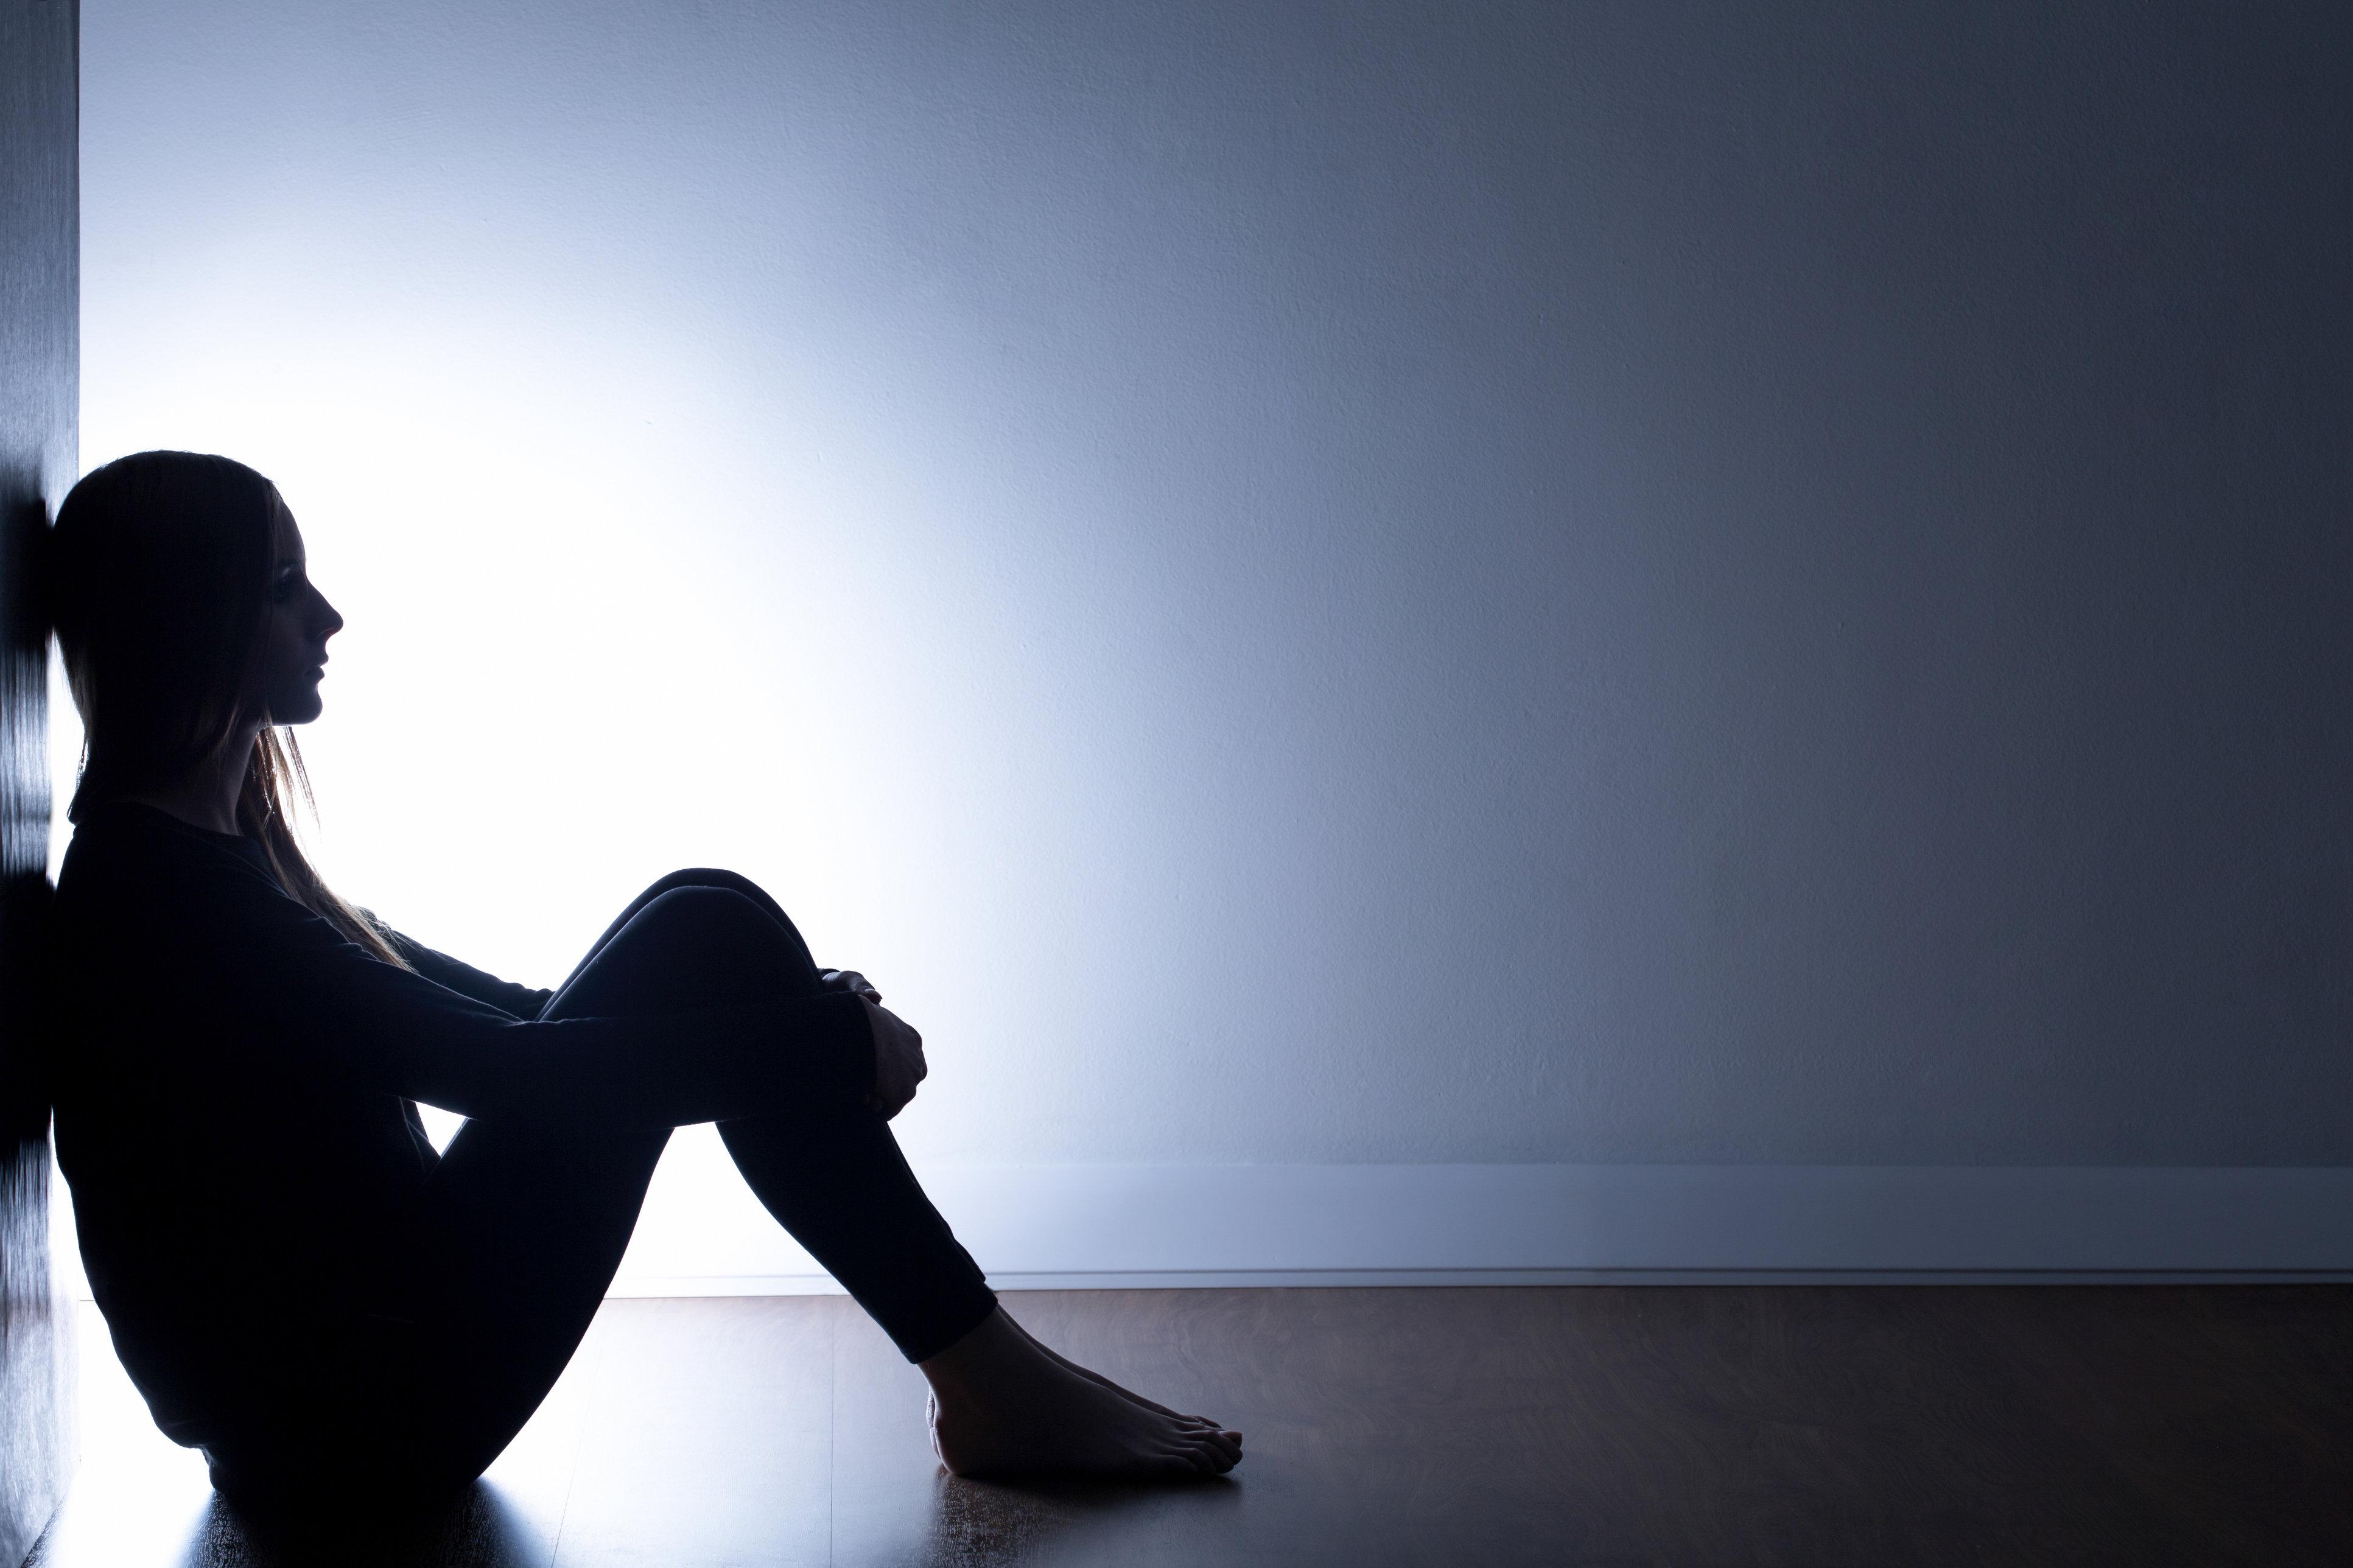 우울증, 폭력 피해 상담이 필요할 때 도움 받을 수 있는